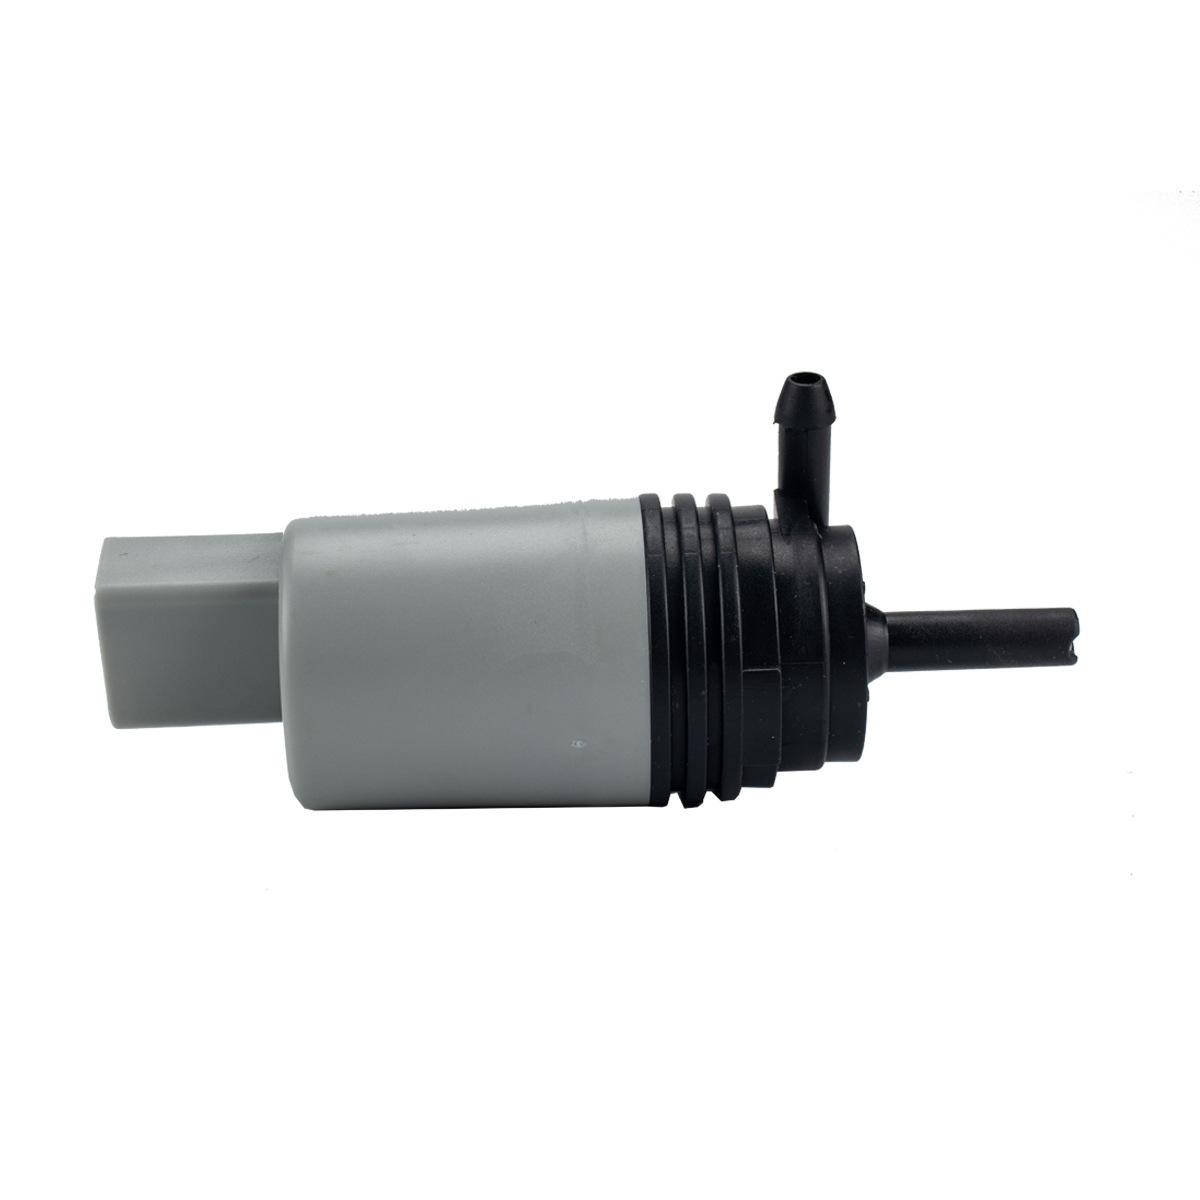 Windshield Washer Pump for BMW E92 E91 E90 E88 E87 E82 E81 E66 E65 E64 E63 E61 E60 Wiper Cleaner Car Accessories gray